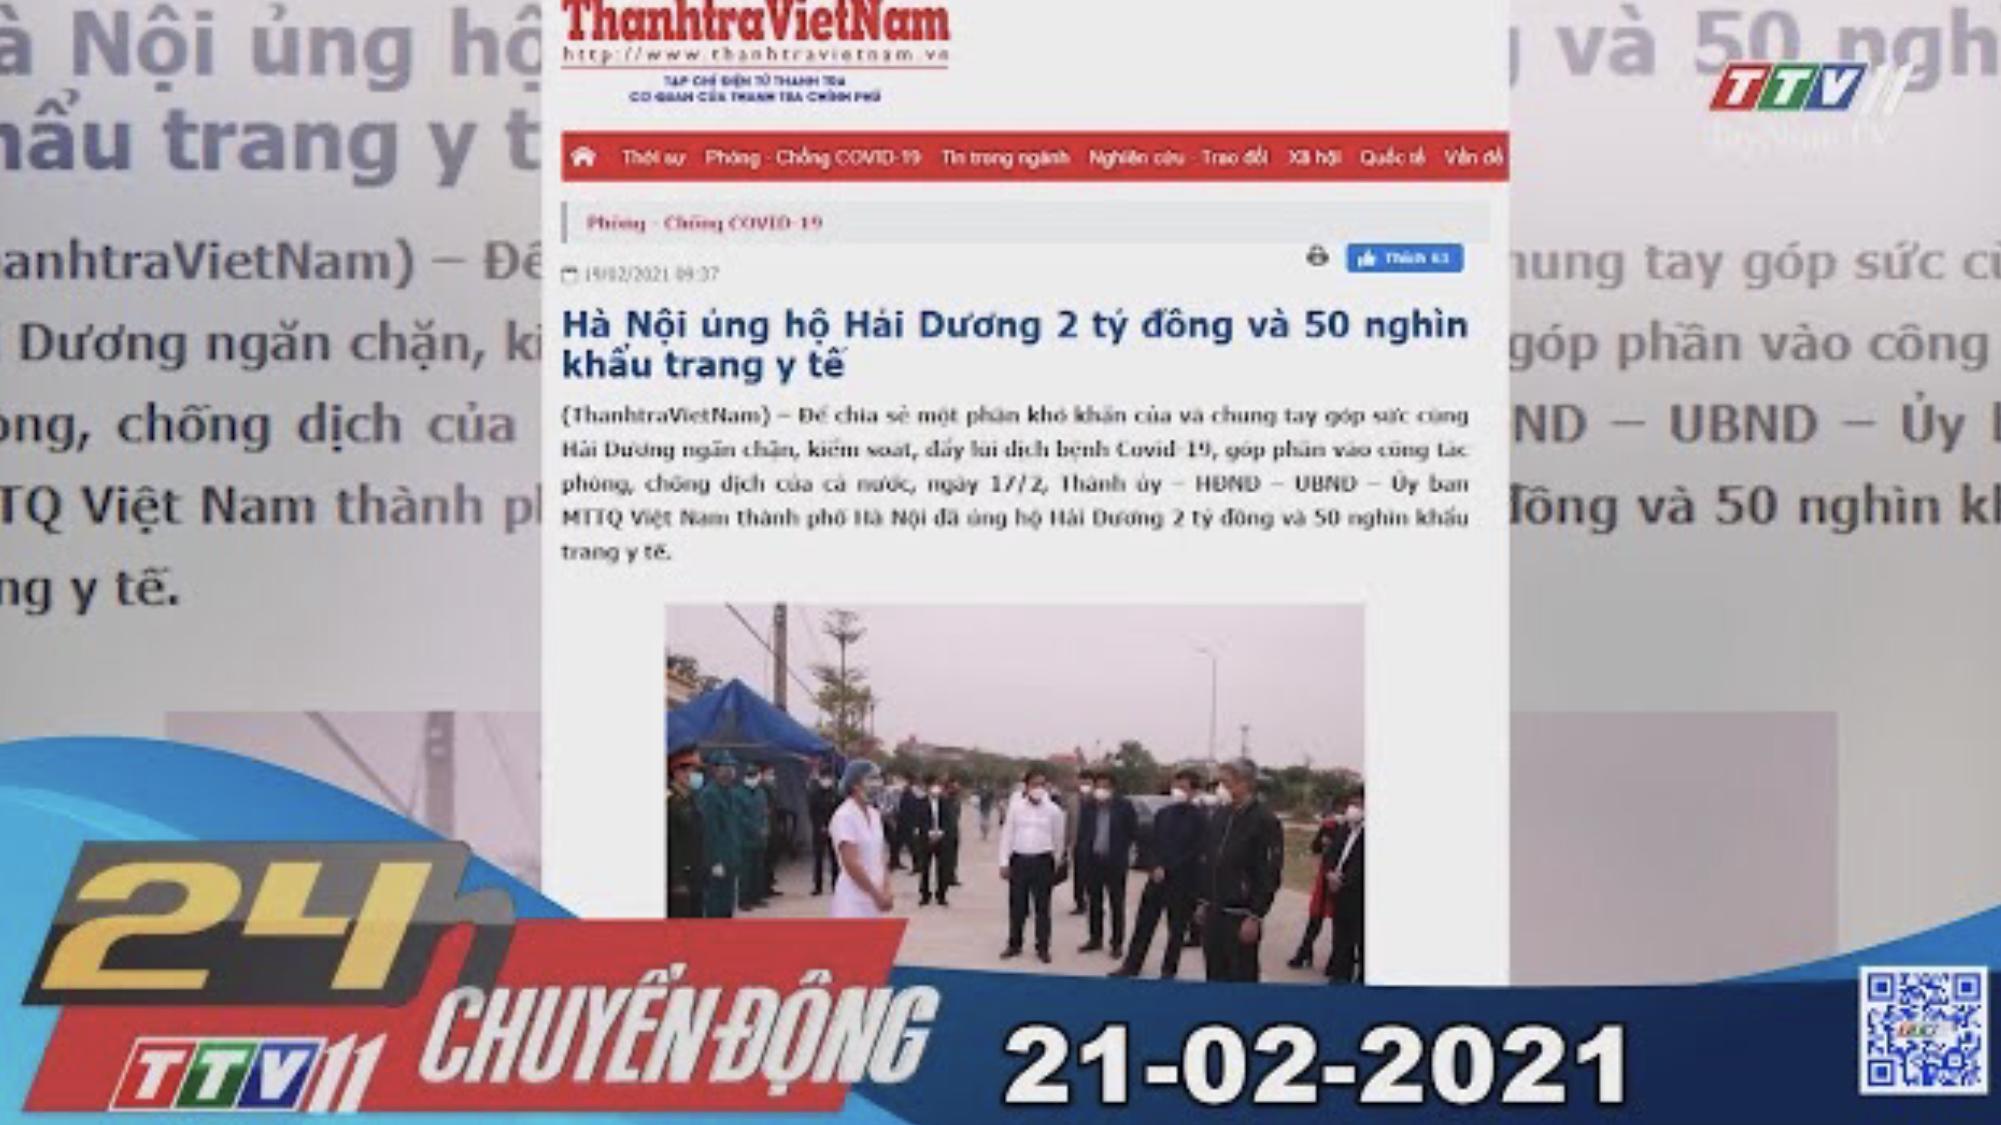 24h Chuyển động 21-02-2021 | Tin tức hôm nay | TayNinhTV